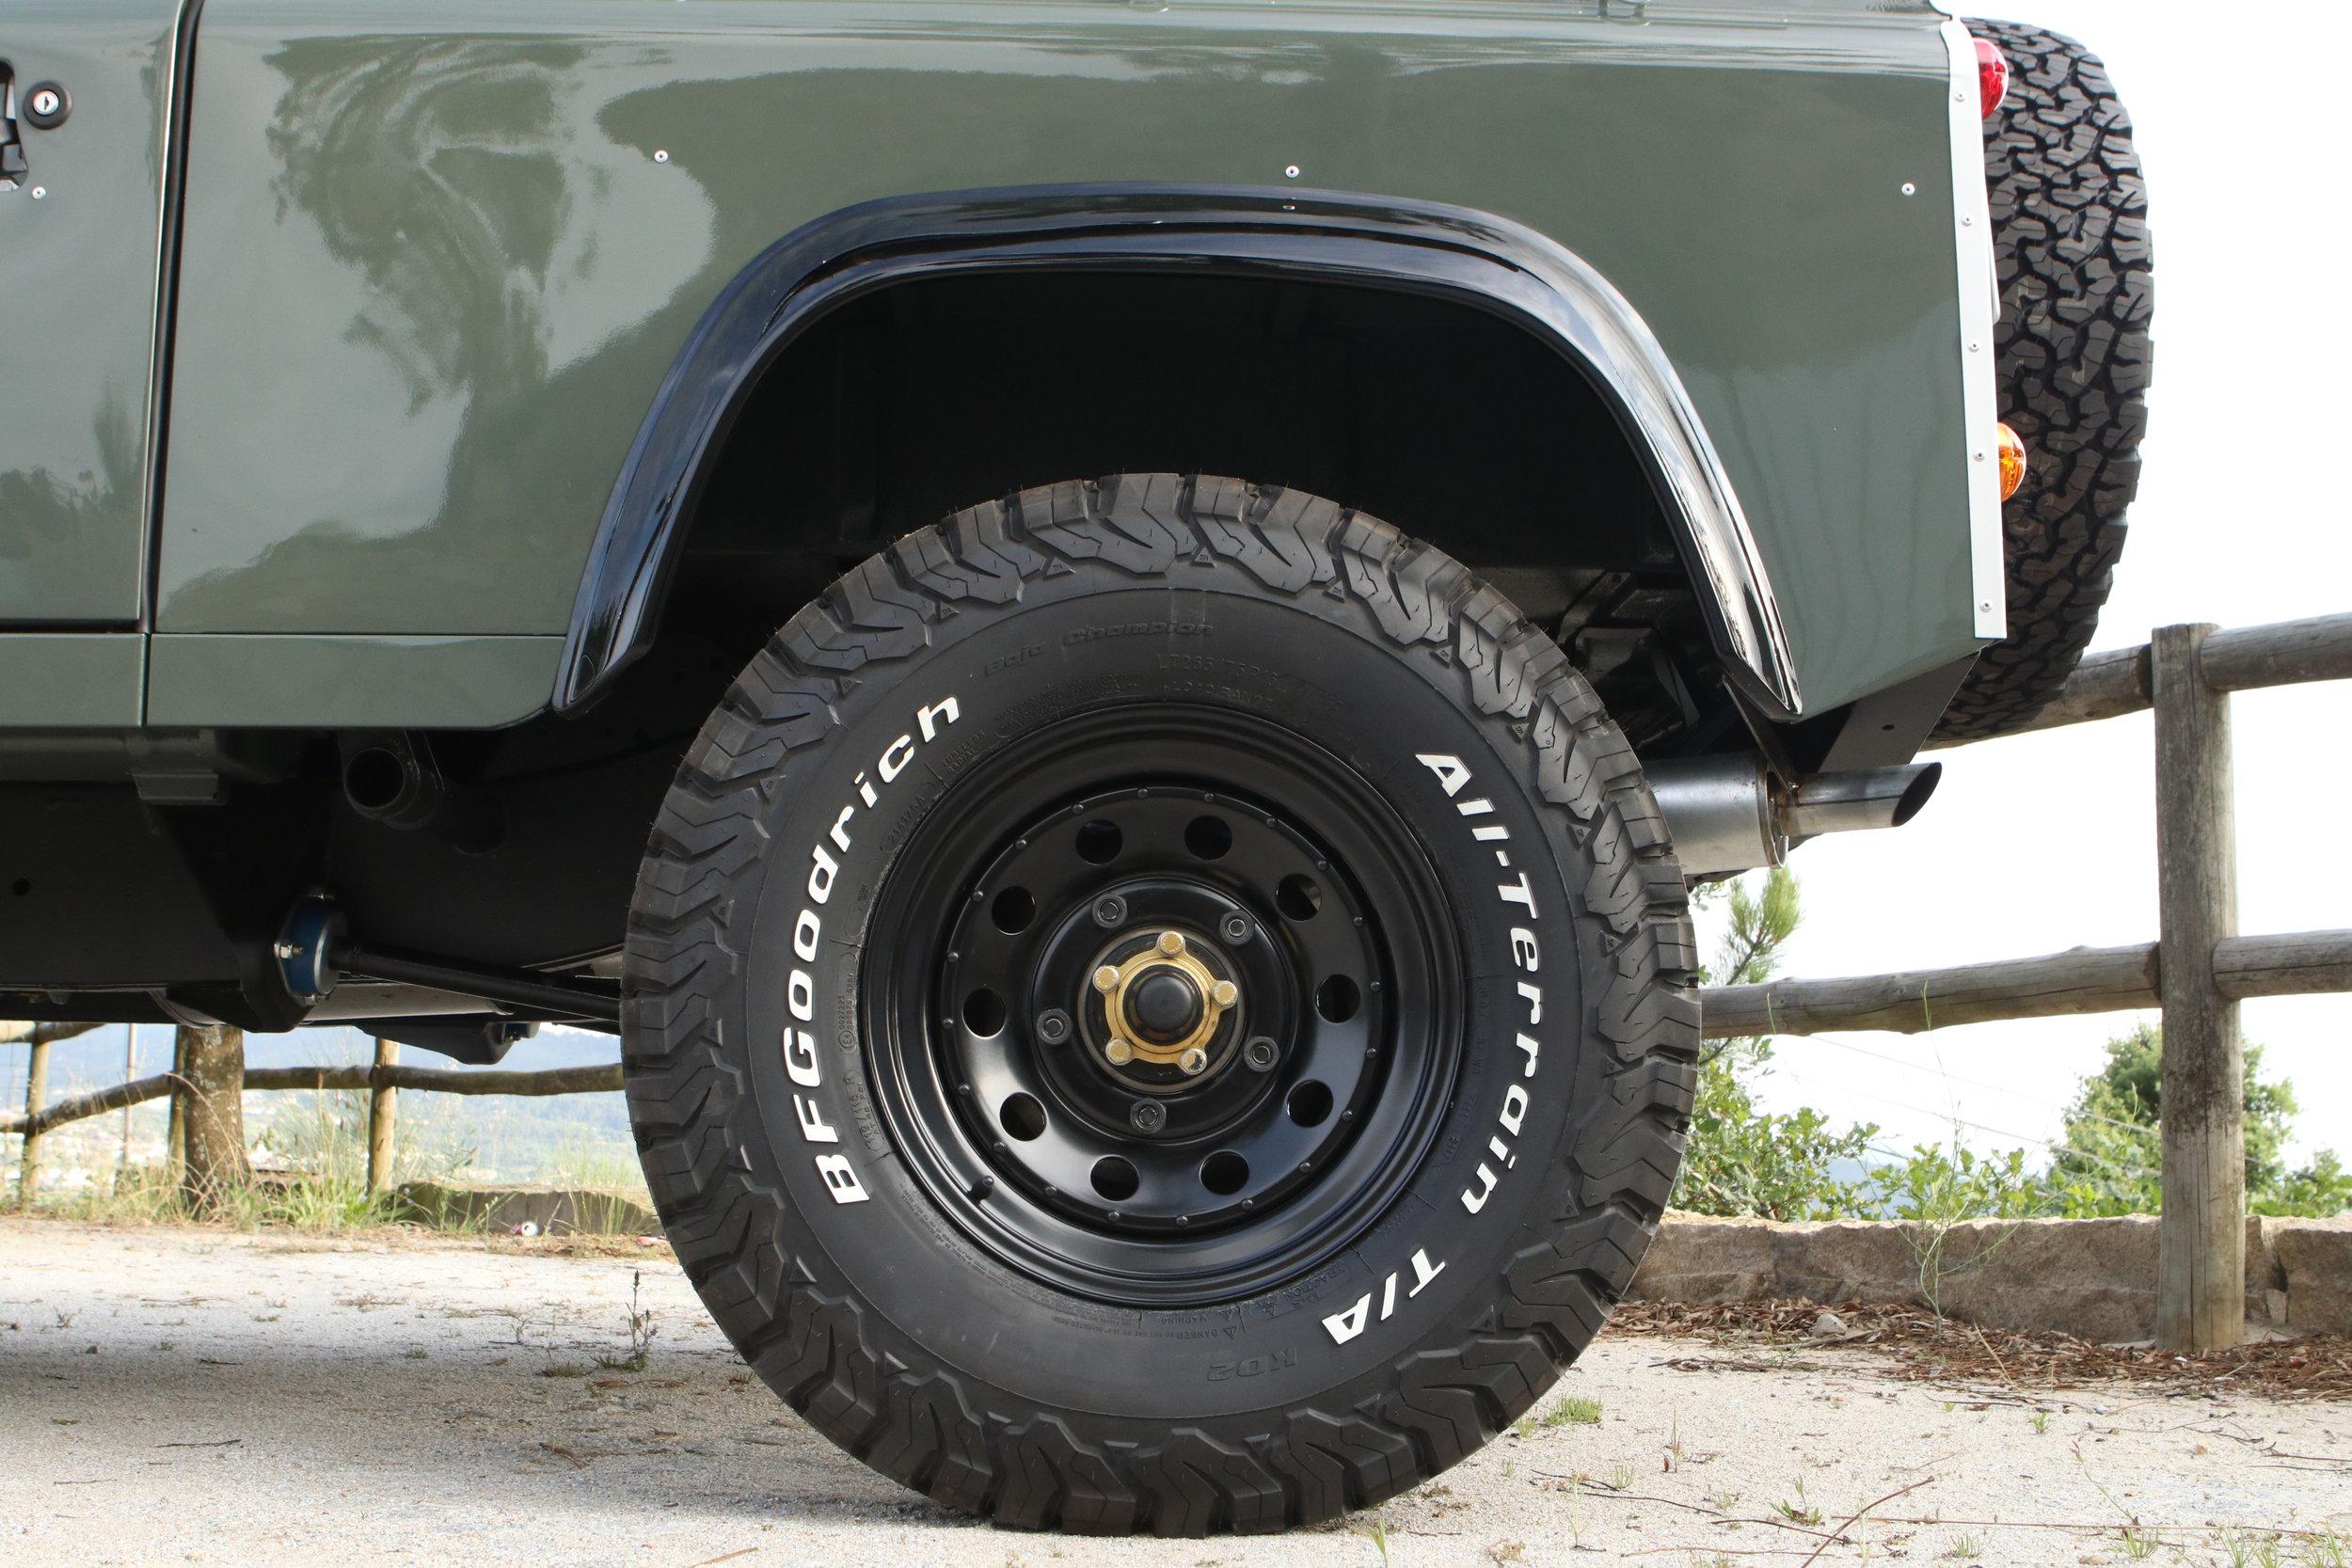 LegacyOverland_ProjKalahari_Defender90_car28.JPG